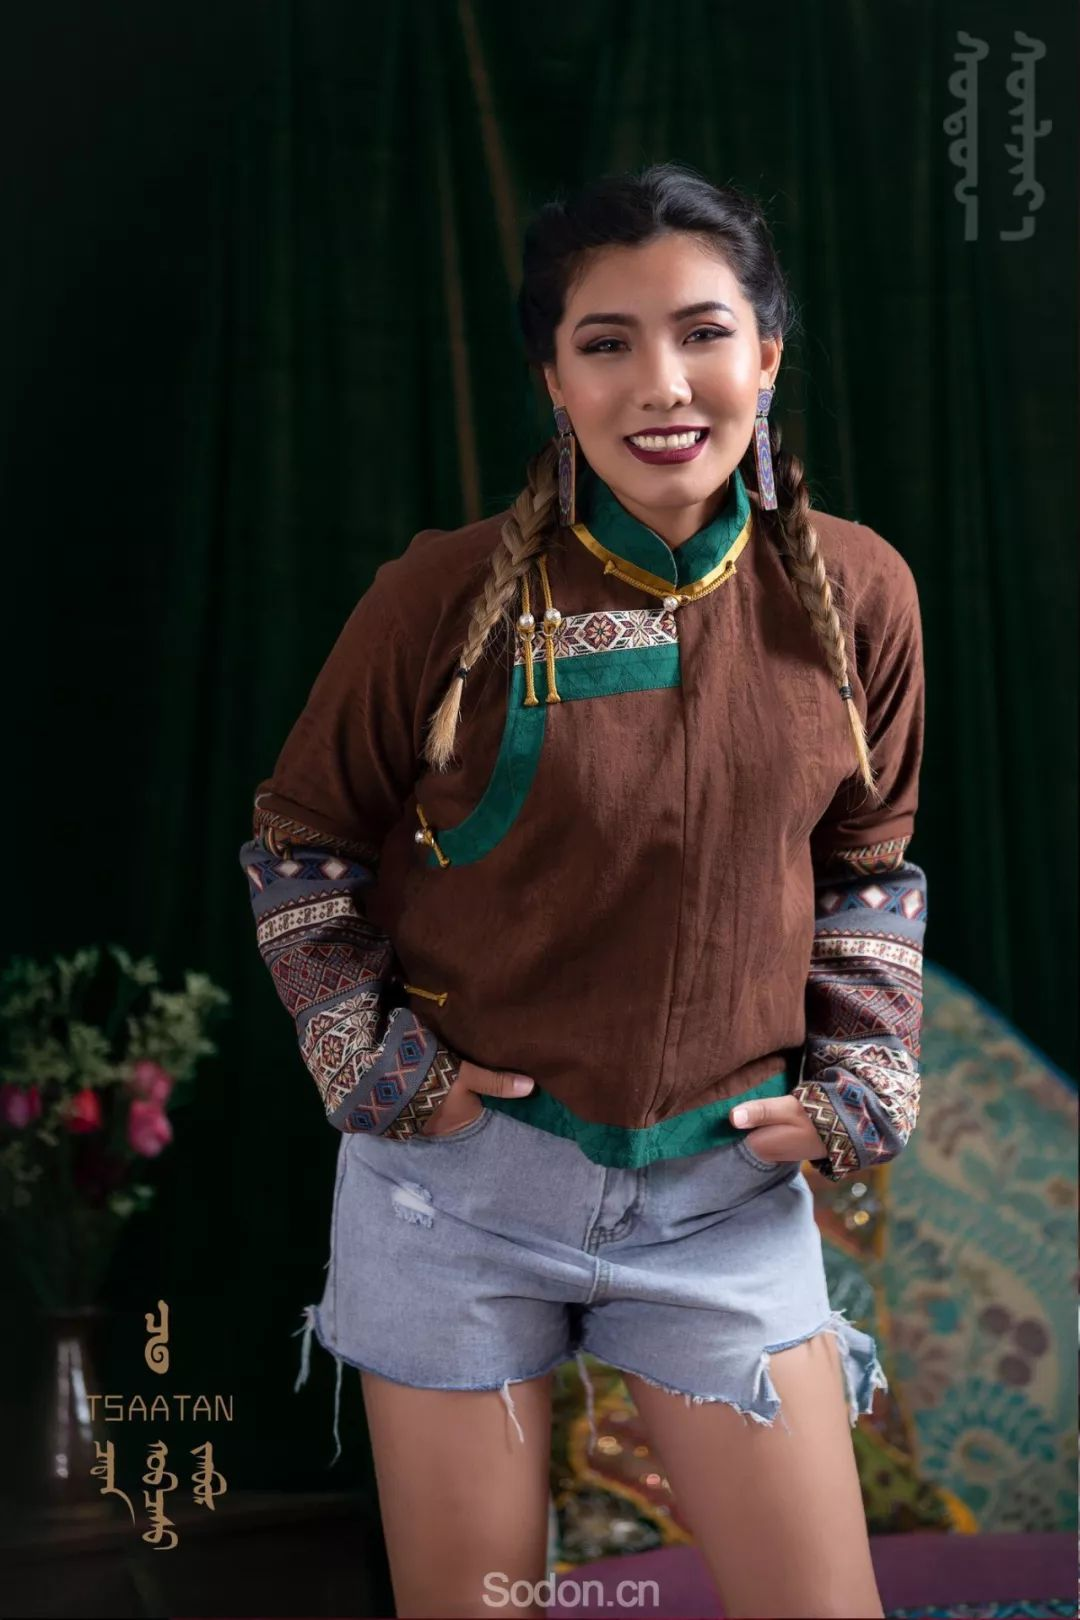 TSAATAN蒙古时装 2019新款,来自驯鹿人的独特魅力! 第38张 TSAATAN蒙古时装 2019新款,来自驯鹿人的独特魅力! 蒙古服饰